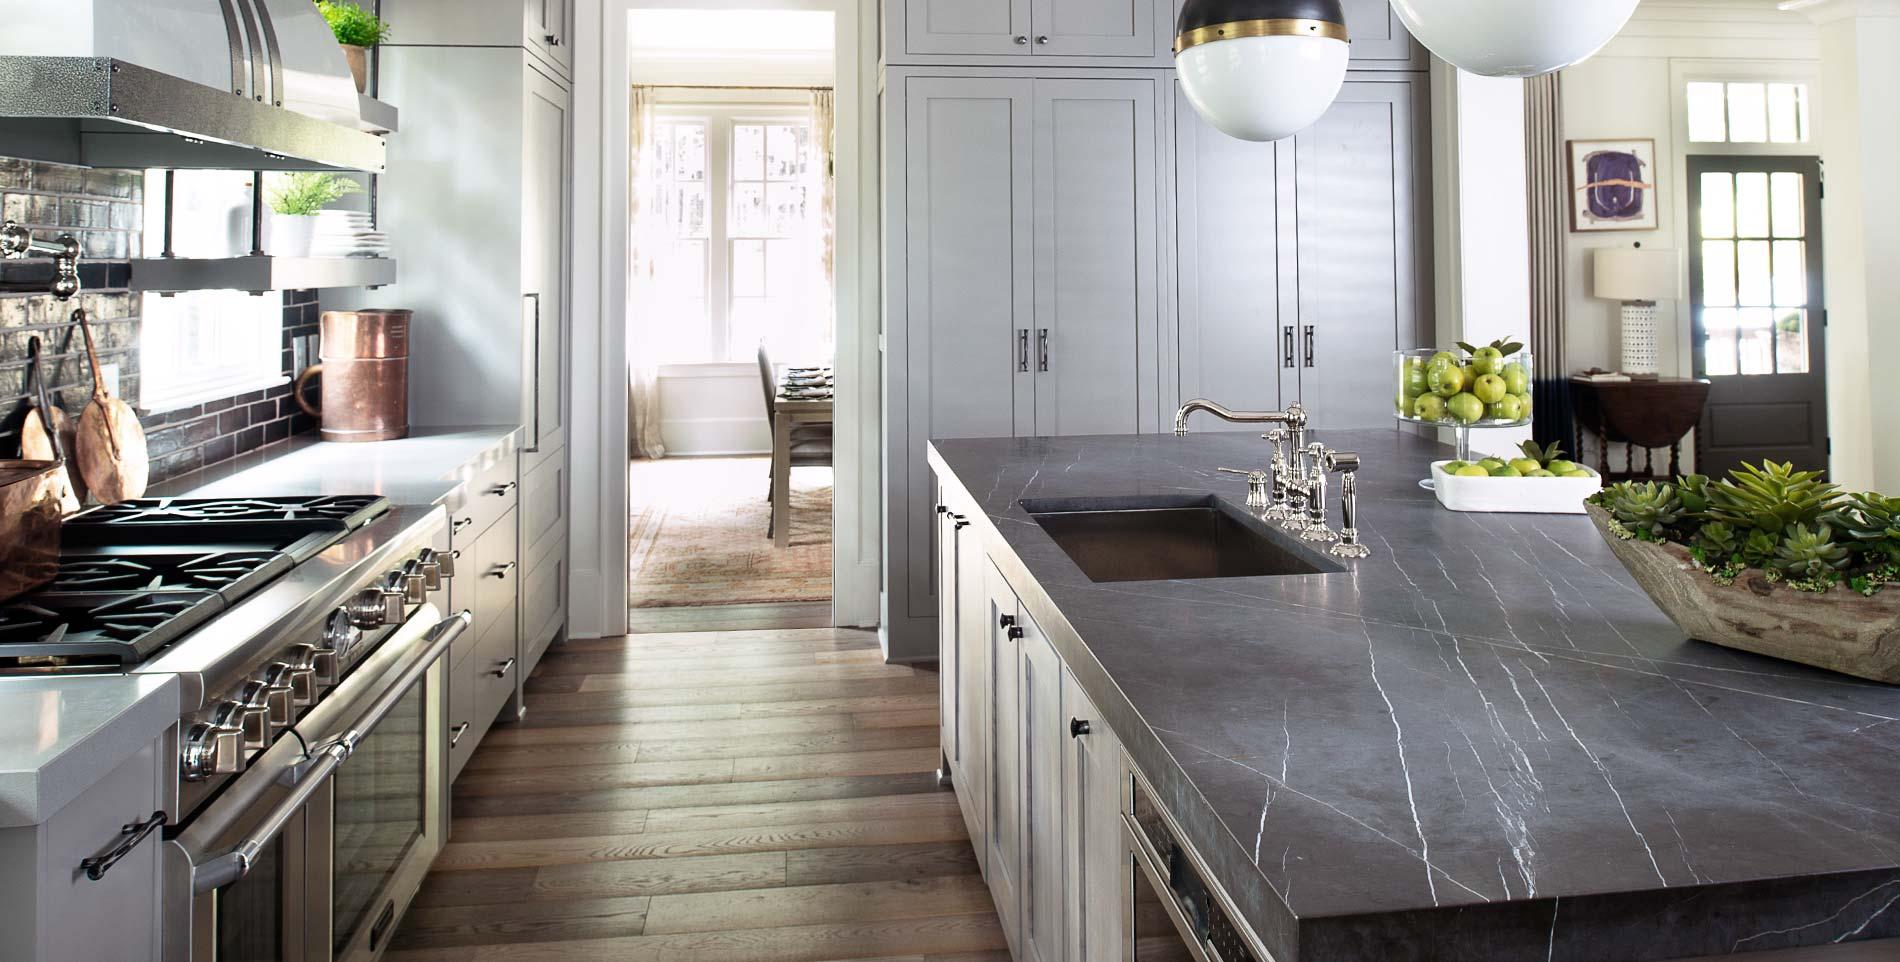 Encimera marmol cocina encimera de granito con vetas encimera marmol cocina barra de bar - Encimera marmol ...